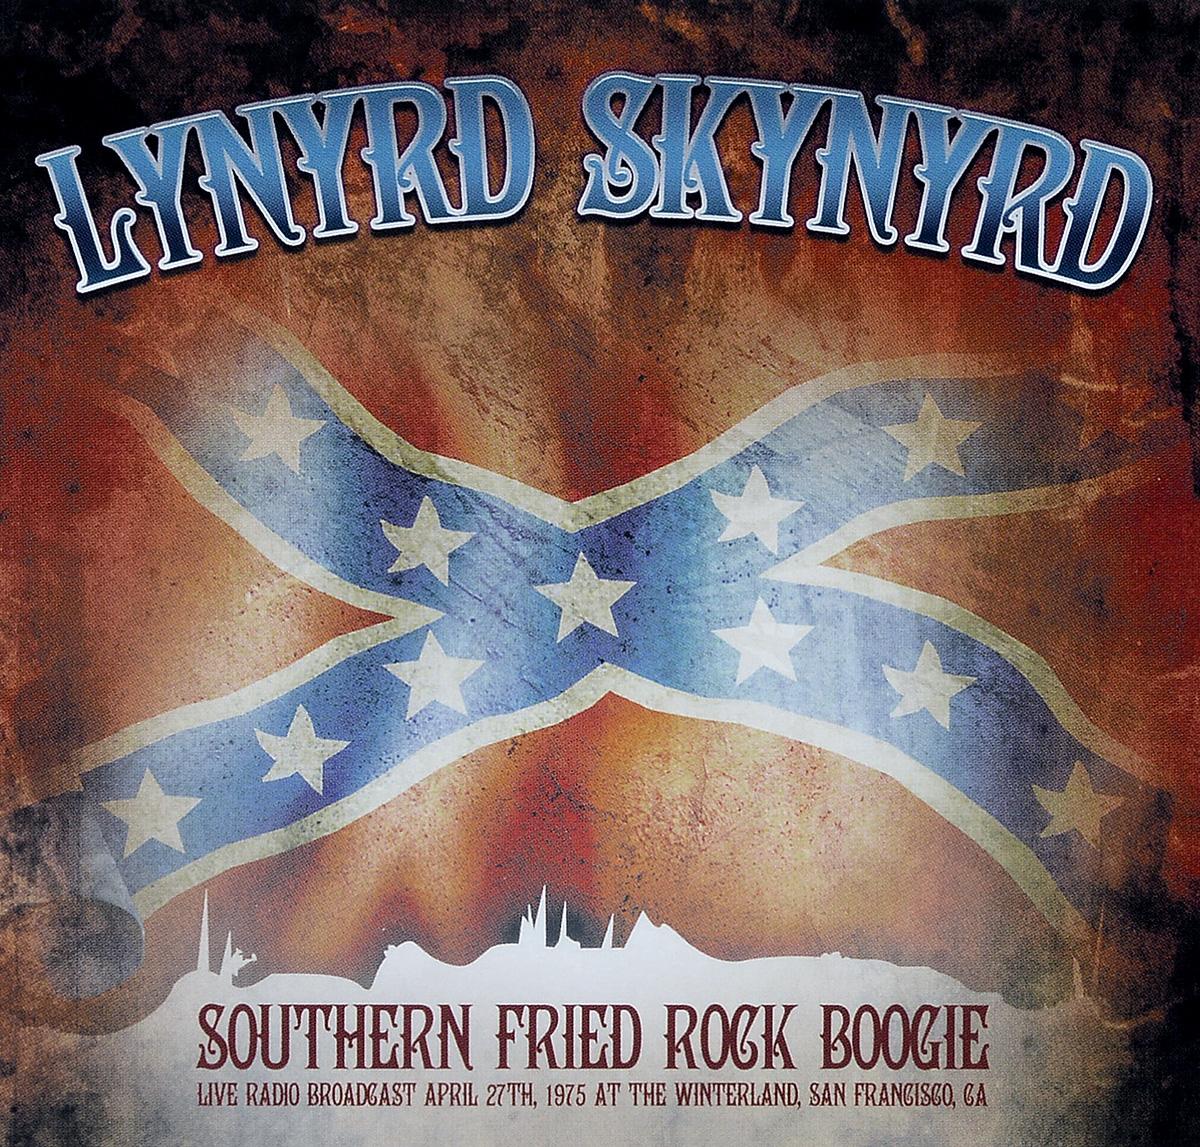 Lynyrd Skynyrd Lynyrd Skynyrd. Southern Fried Rock Boogie кэннонболл эдерли милт джексон cannonball adderley with milt jackson things are getting better lp